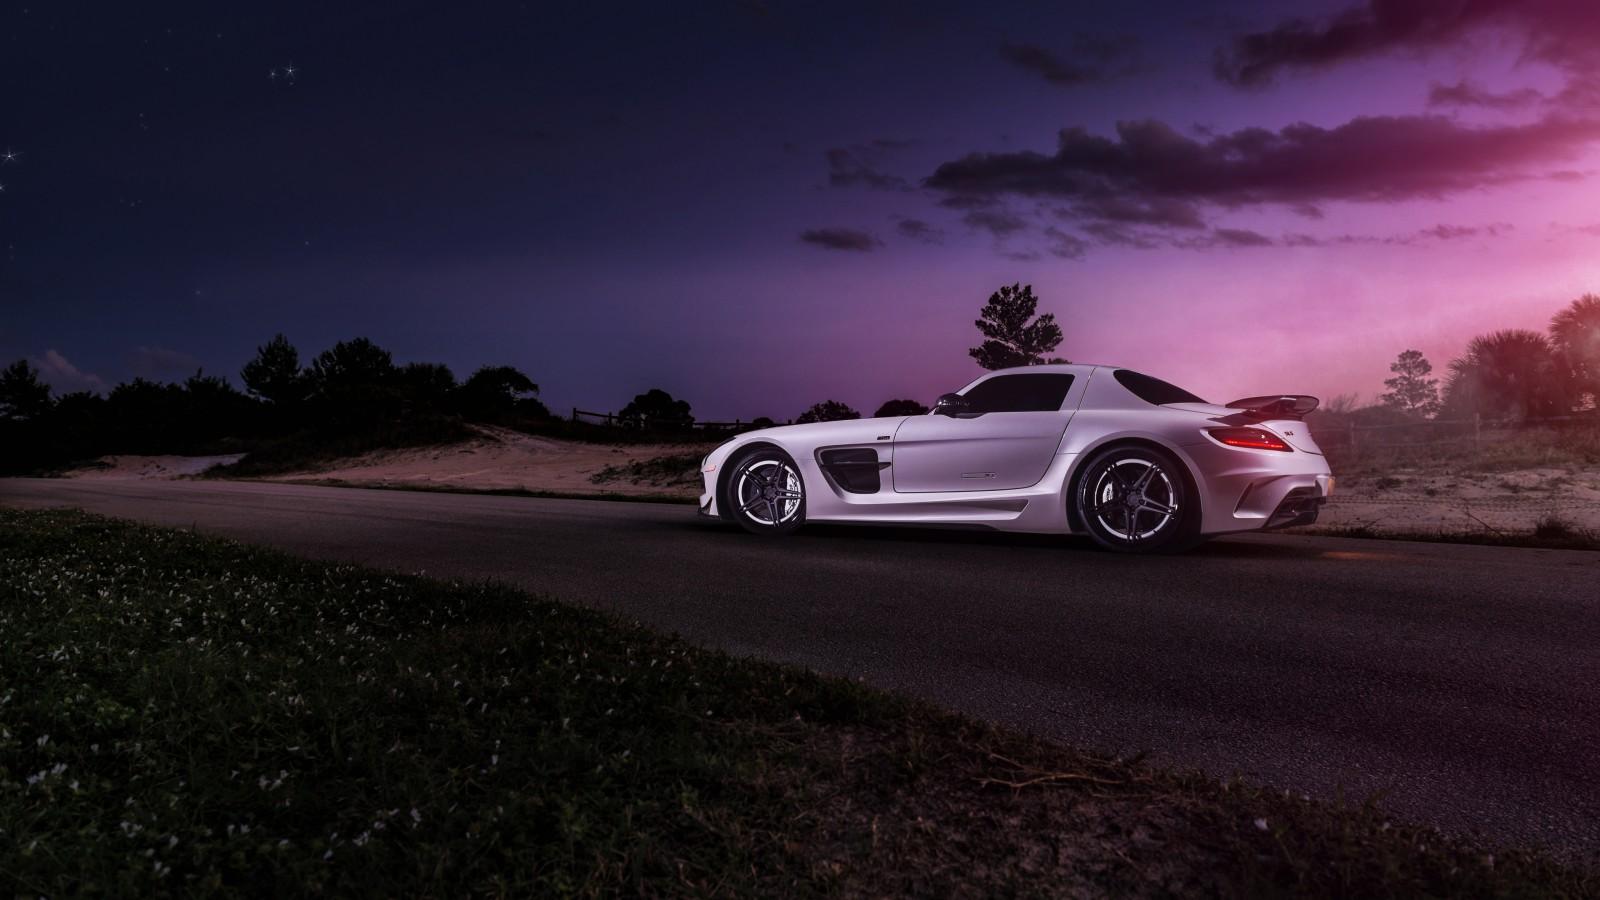 Mercedes Benz Amg Gt >> Renntech Mercedes-Benz SLS Black Series 4K 2 Wallpaper | HD Car Wallpapers | ID #12412